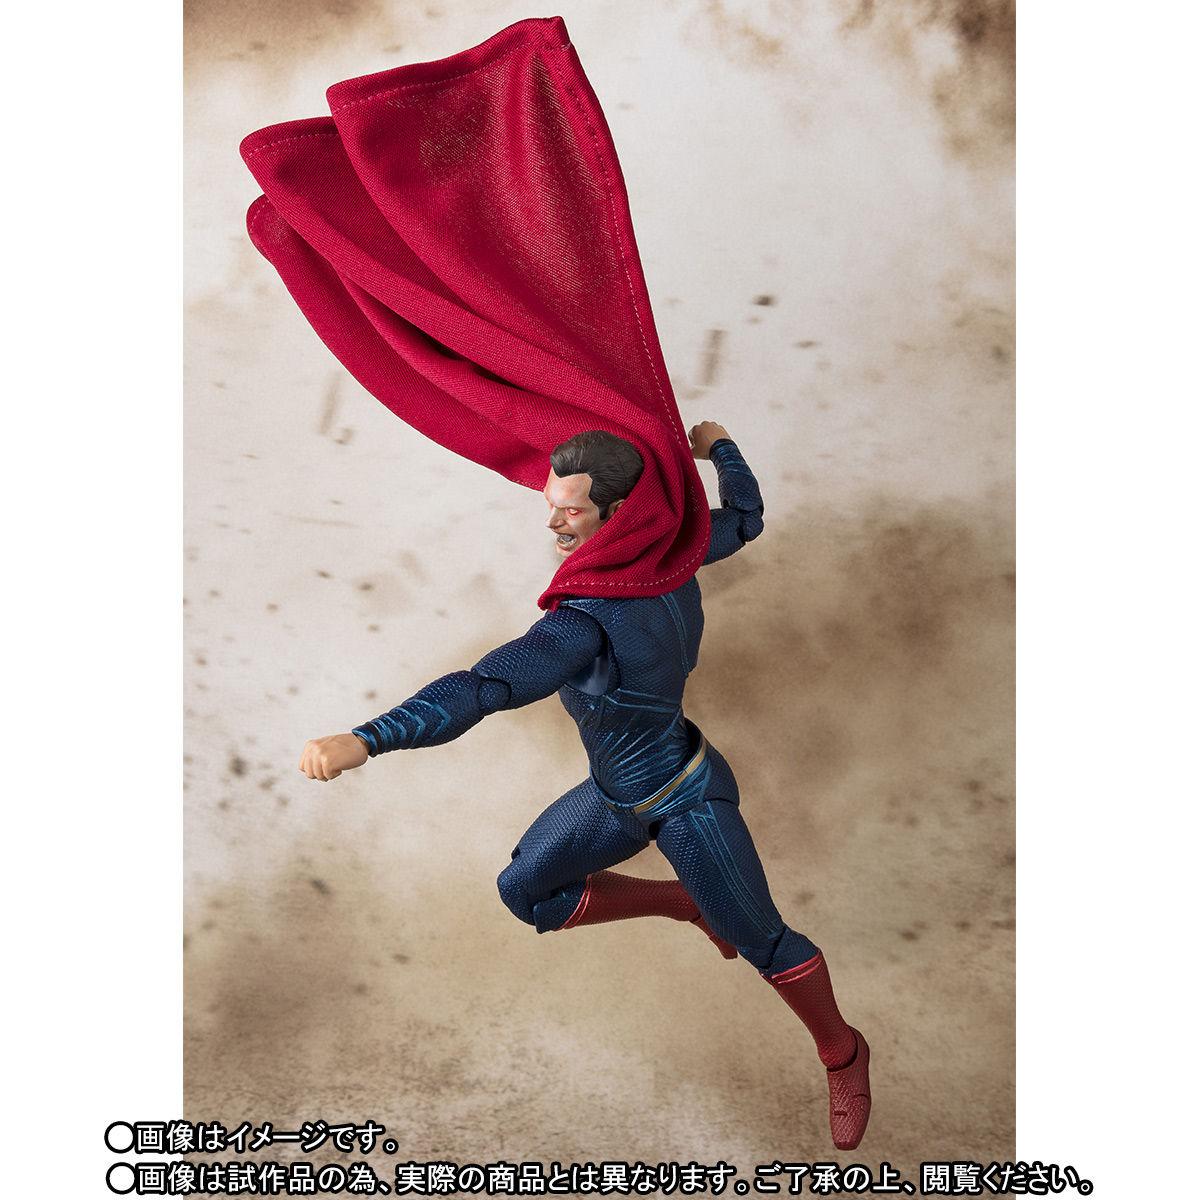 SH-Figuarts-JL-Superman-008